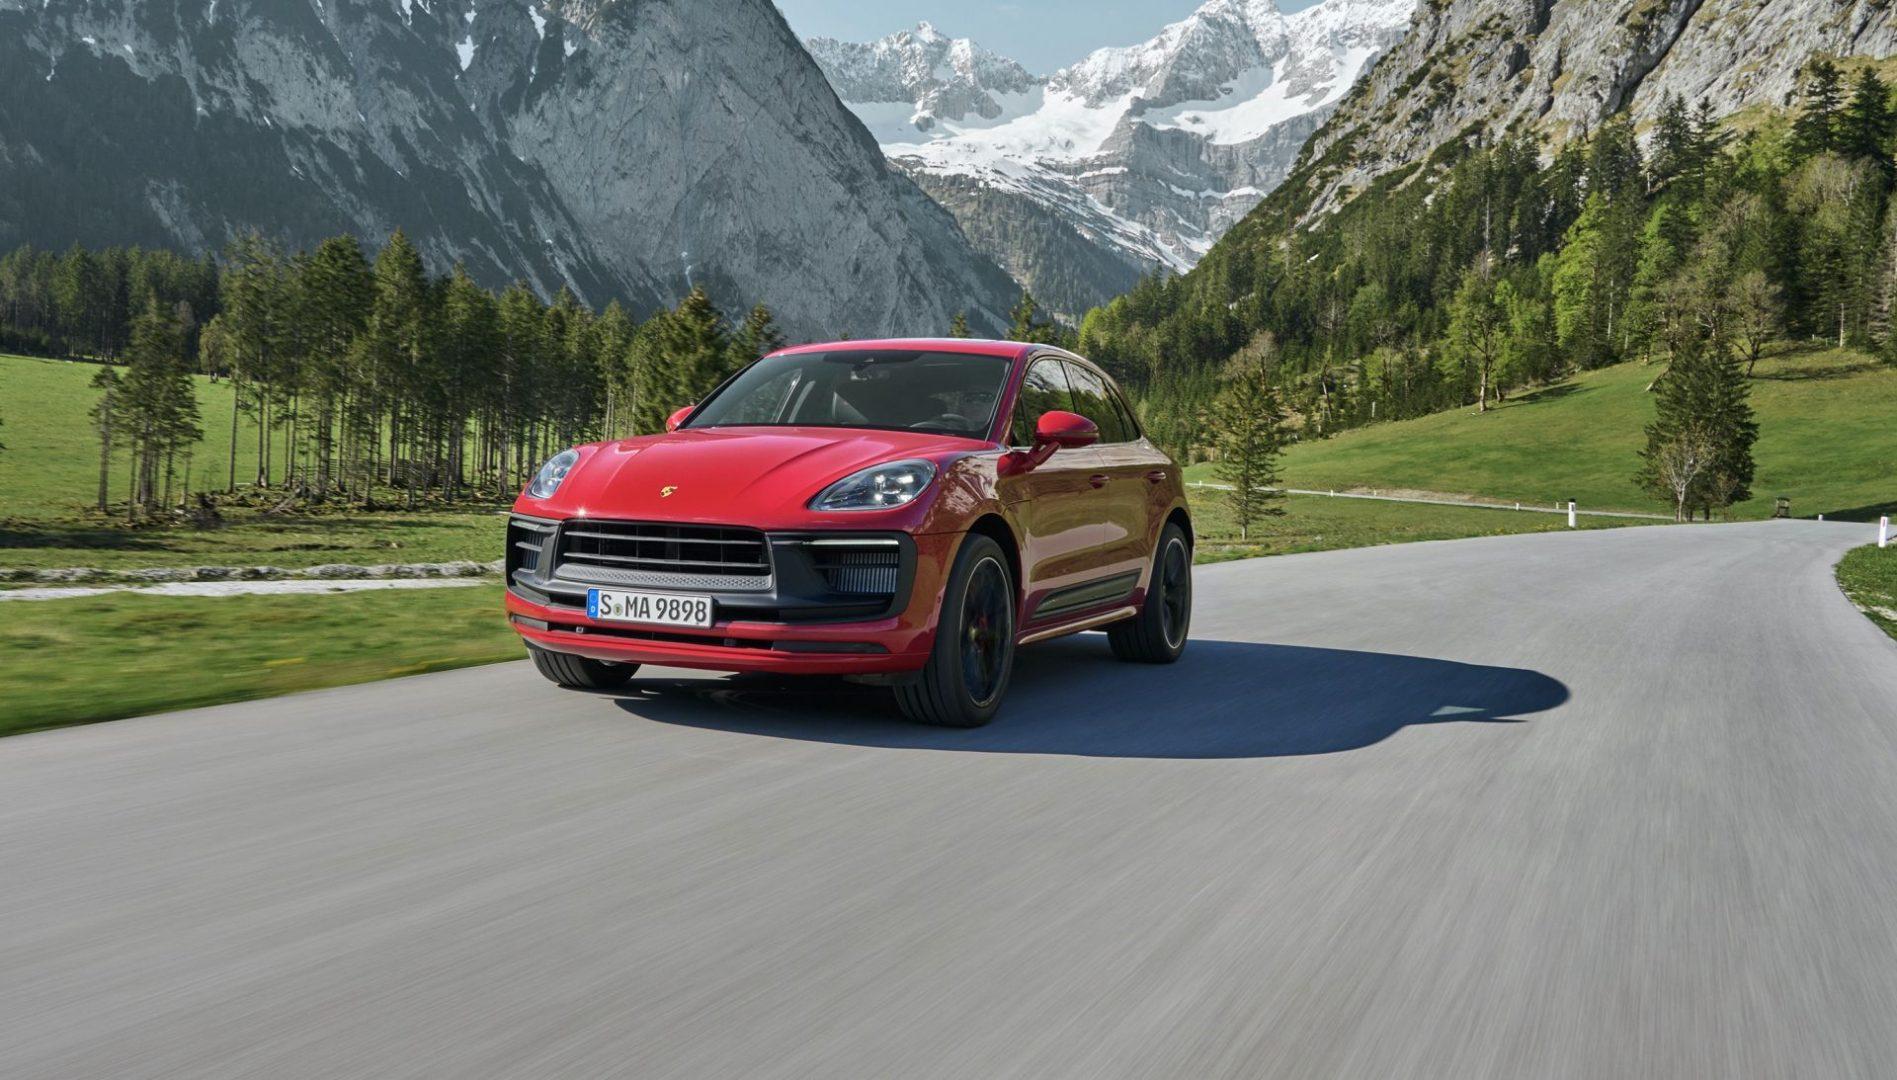 Dorađeni Porsche Macan sada donosi više snage u svim izvedbama